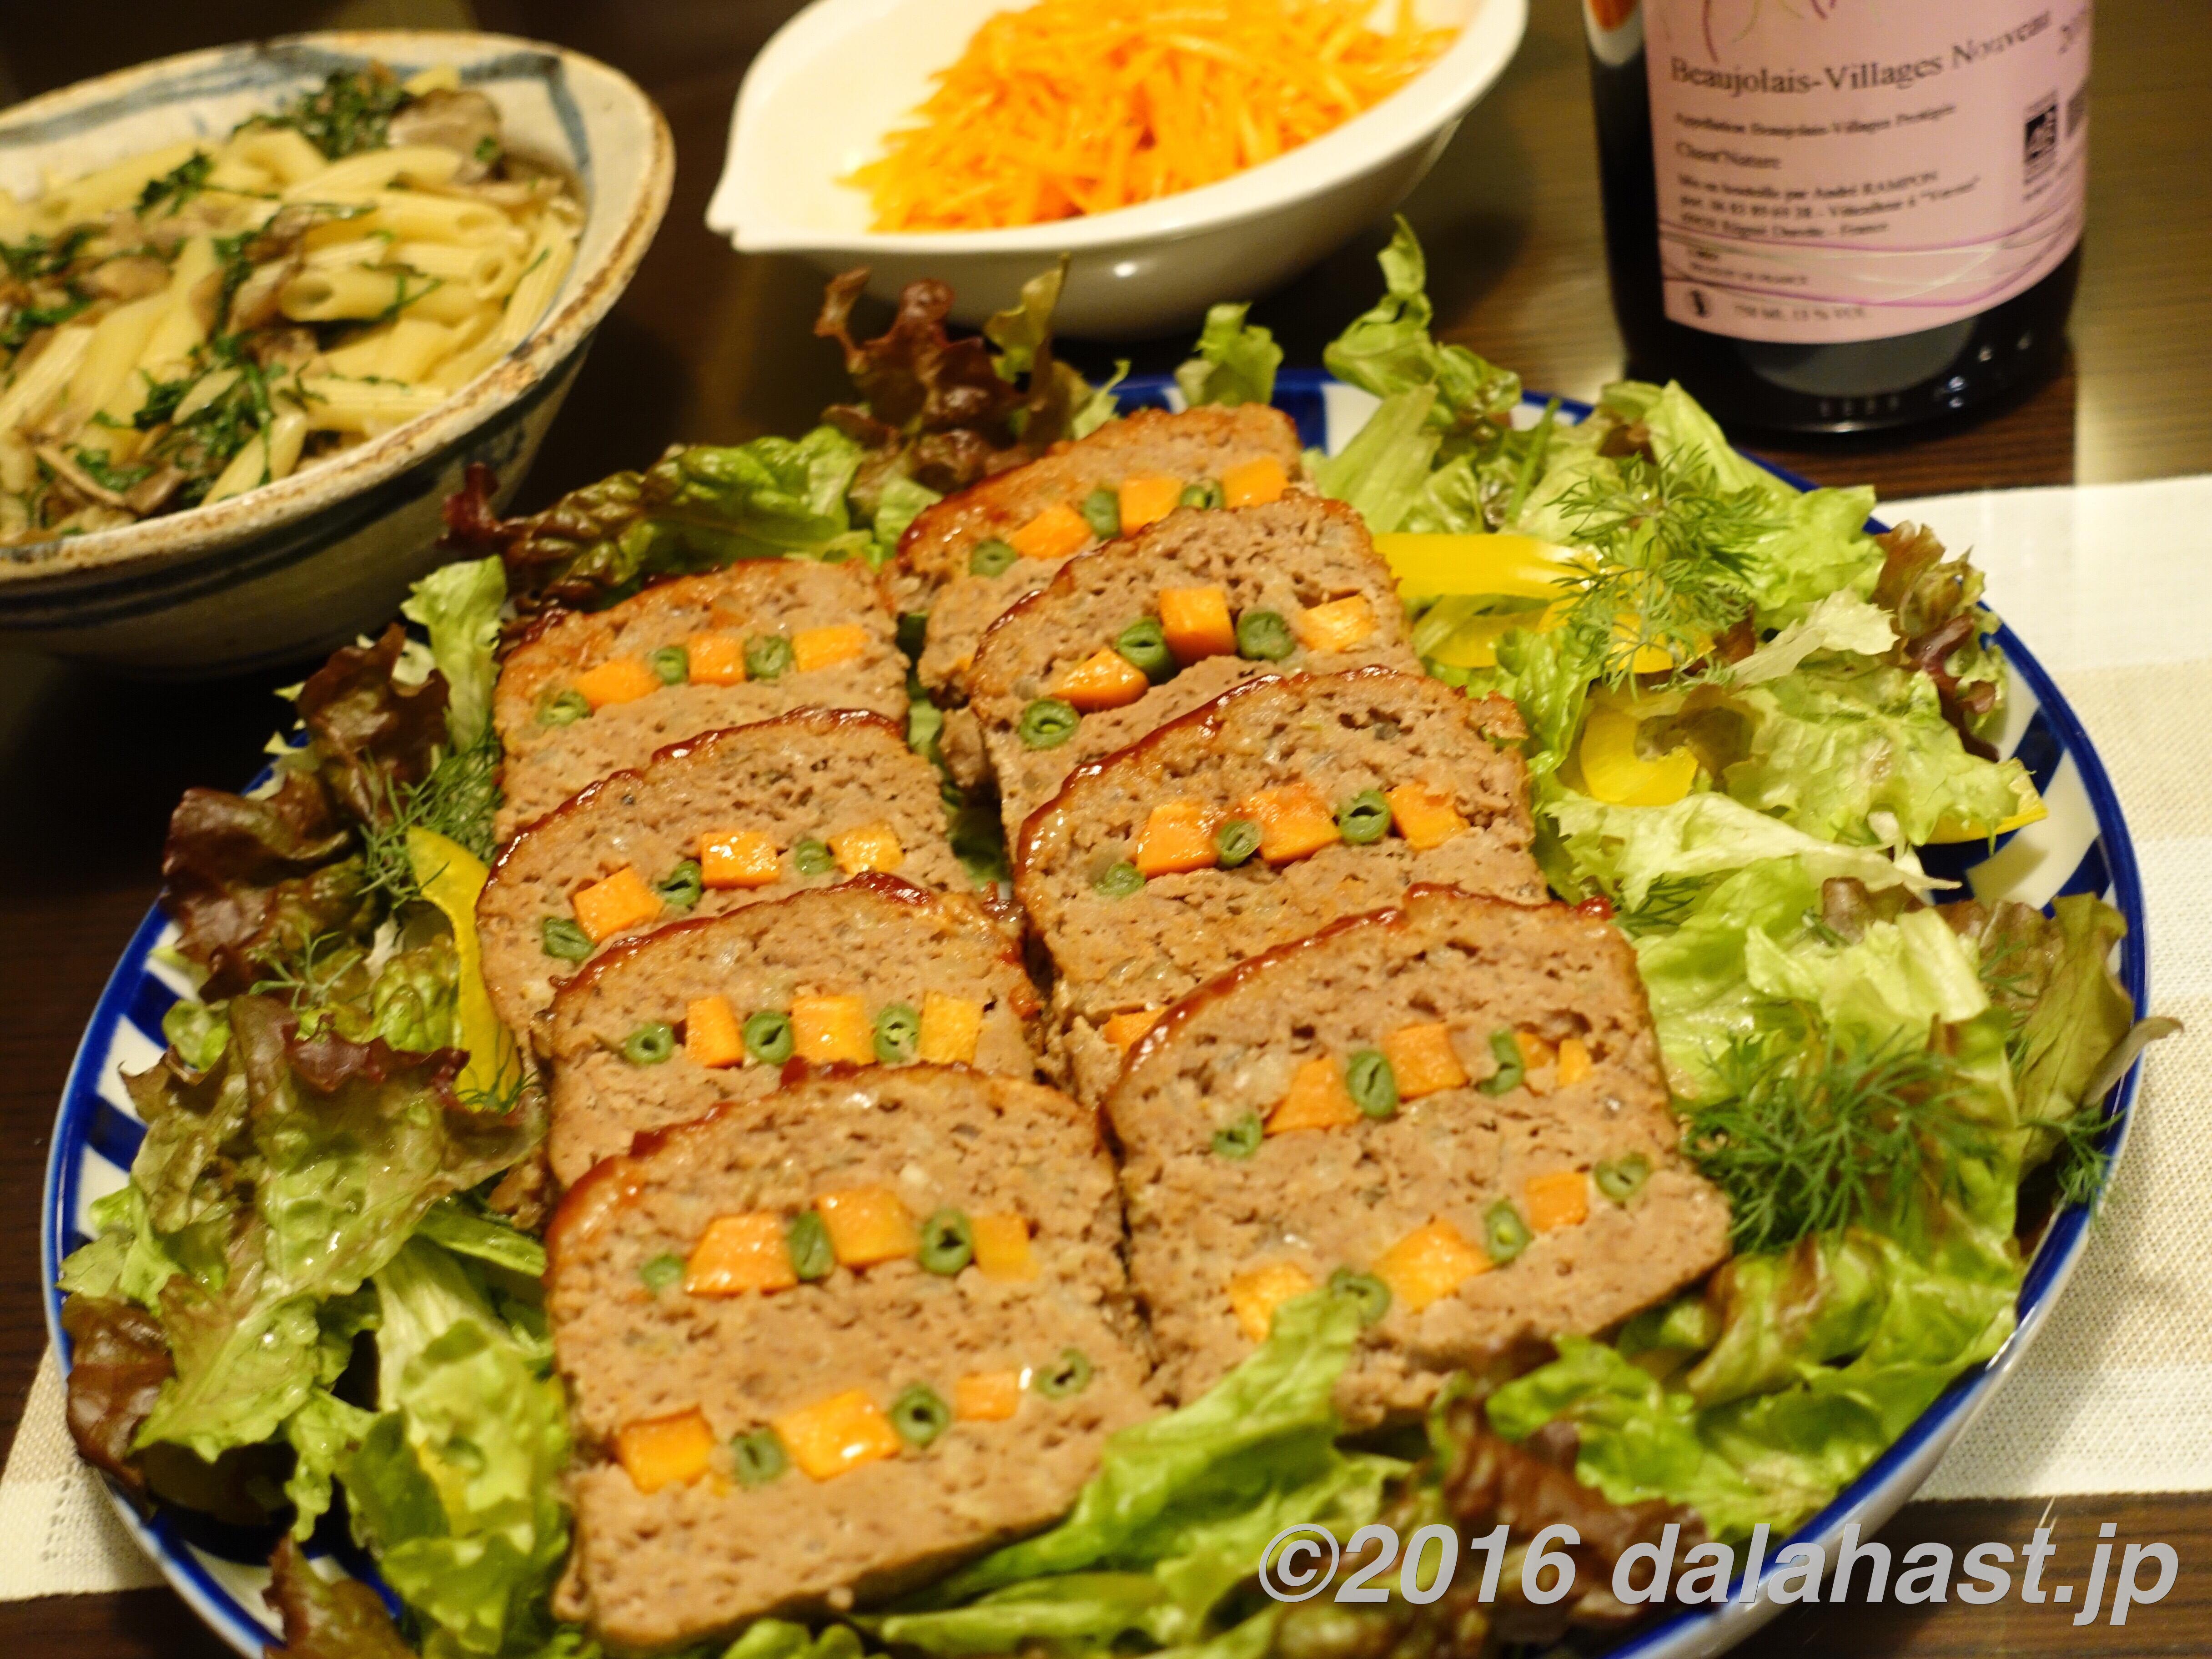 【レシピ】 野菜彩るミートローフの作り方